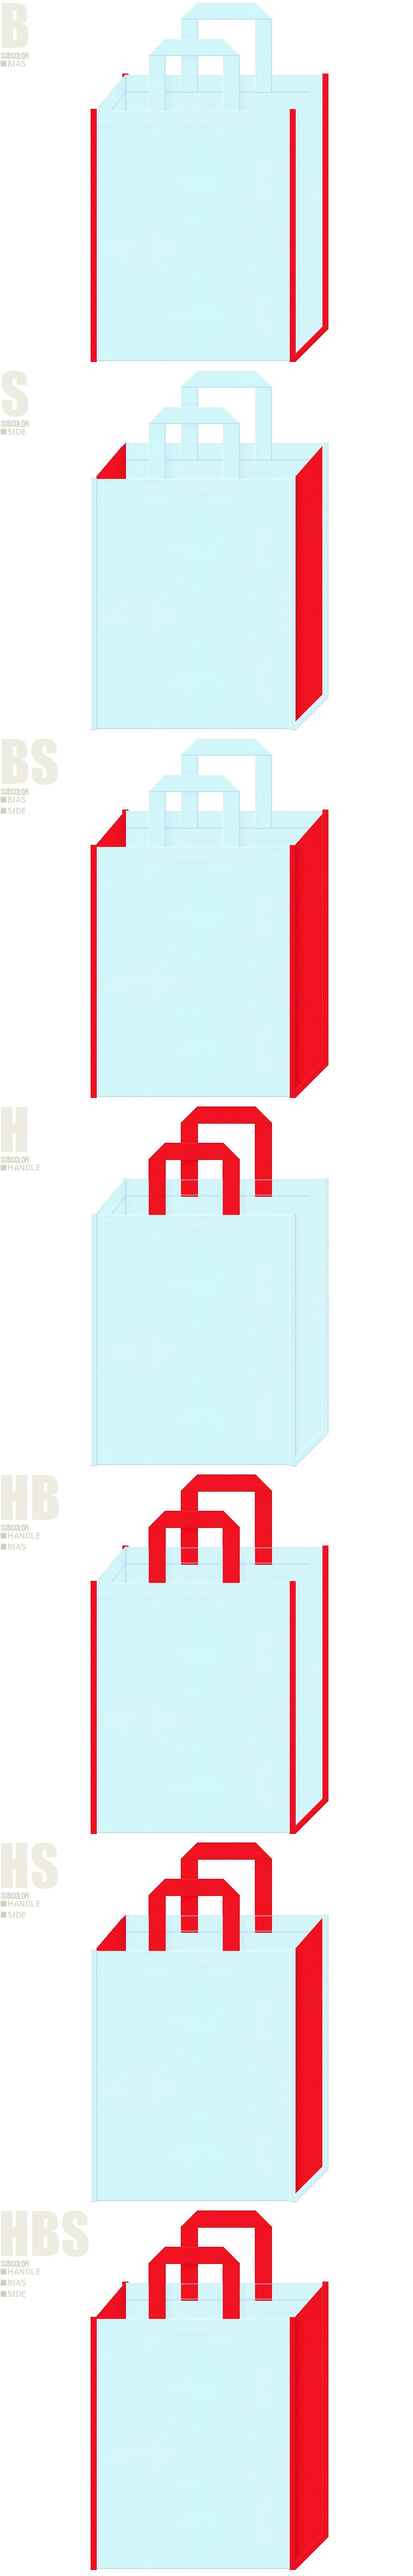 風鈴・ビー玉・ガラス工芸・金魚すくい・すいか割り・かき氷・夏祭りにお奨めの不織布バッグデザイン:水色と赤色の配色7パターン